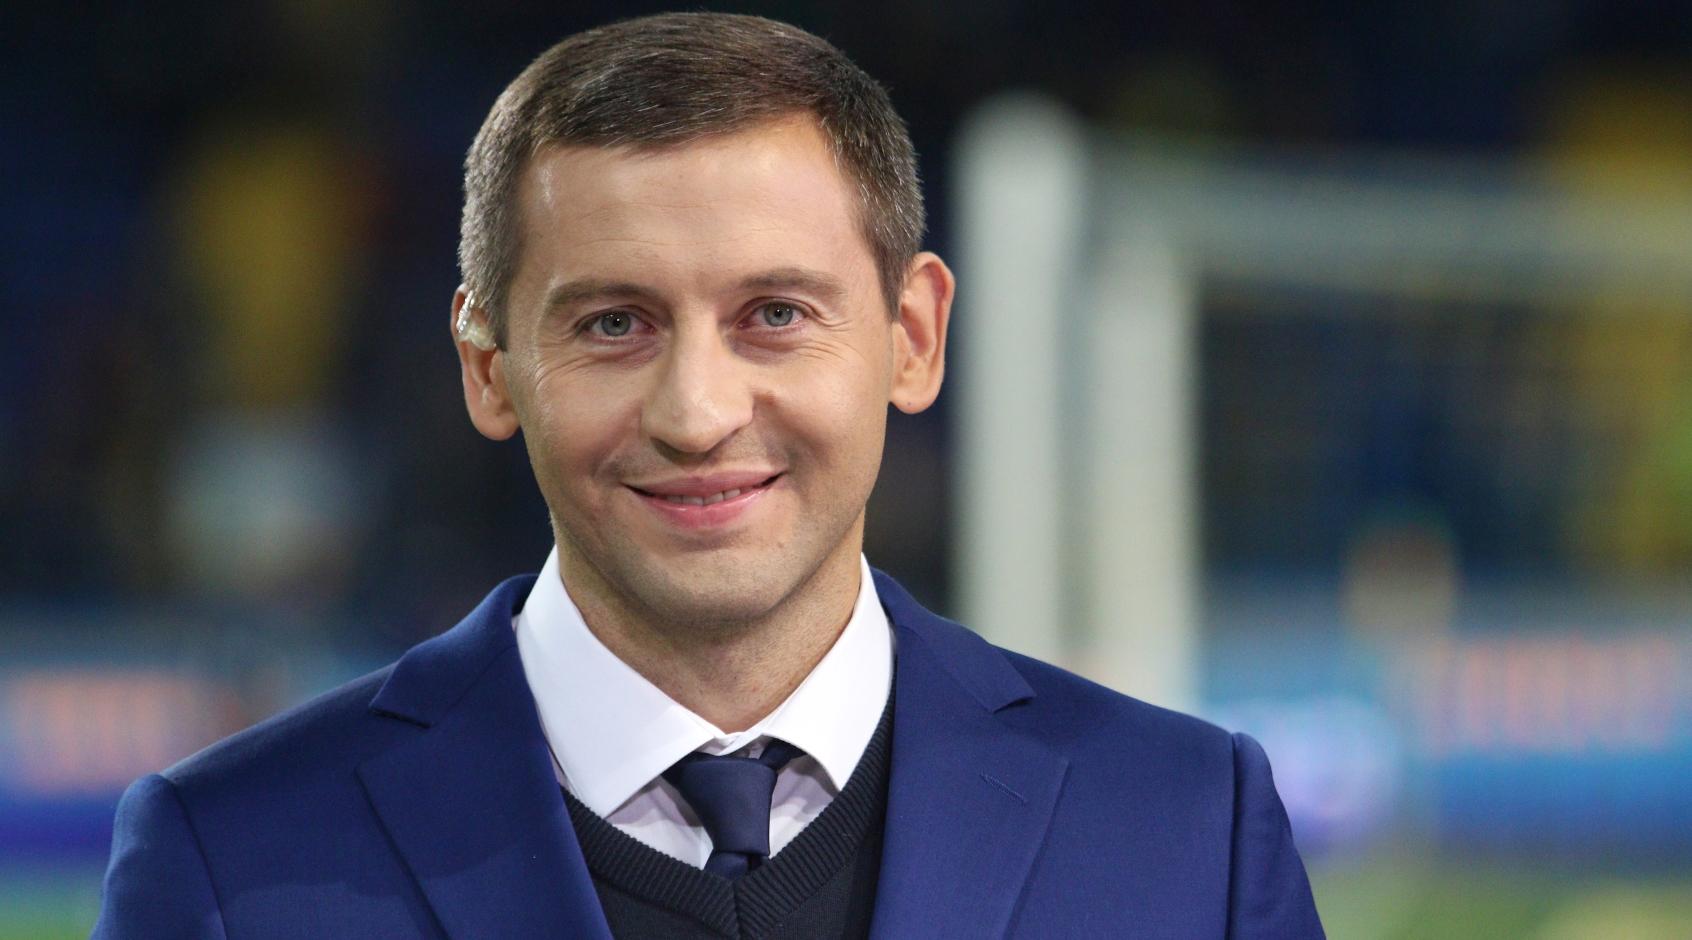 """Алексей Белик: """"Шахтер"""" сможет победить """"Аталанту"""", играя в такой же футбол, как в Манчестере"""""""